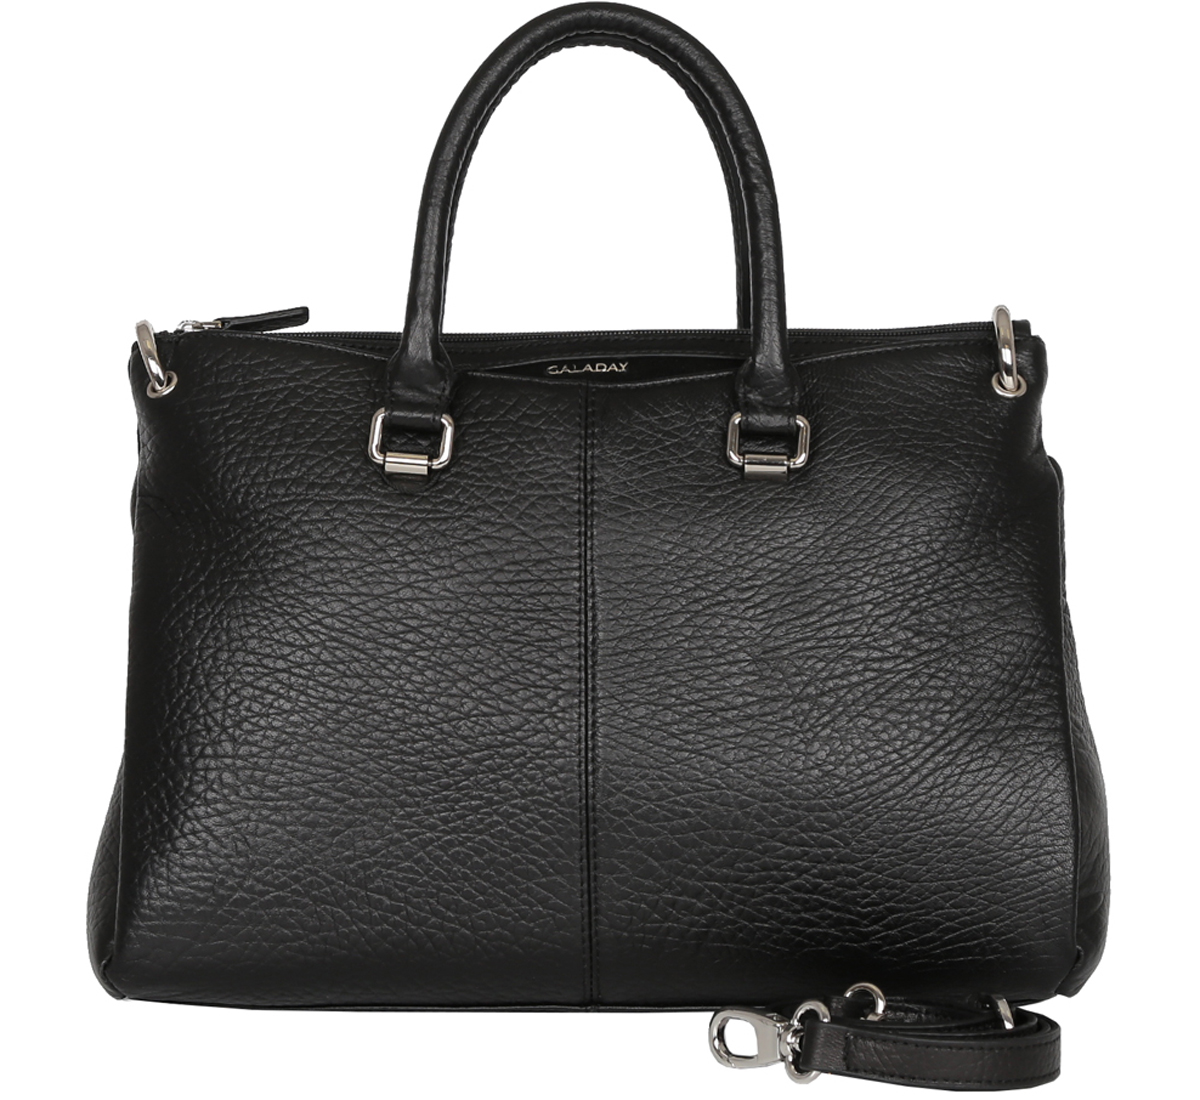 Сумка женская Galaday, цвет: черный. GD5220BM8434-58AEЭлегантная женская сумка Galaday изготовлена из качественной натуральной кожи. Модель закрывается на застежку-молнию. Внутри имеются дополнительные карманы. С внешней задней стороны сумки расположен врезной карман на застежке-молнии. Сумка оснащена удобными ручками и плечевым ремнем, который можно регулировать по длине.